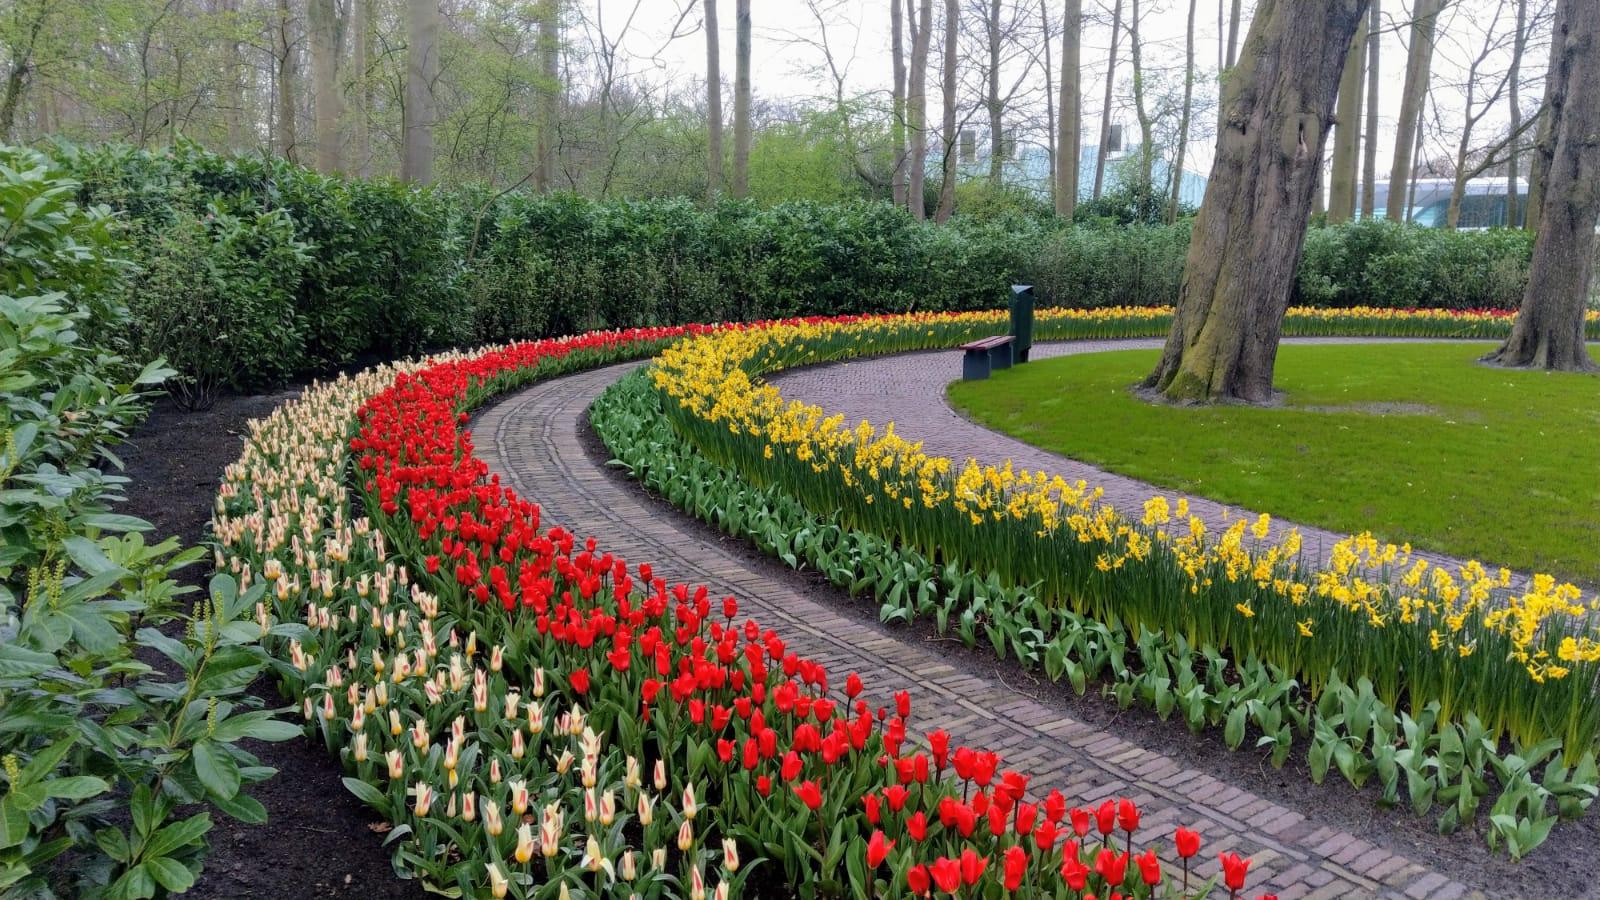 Jardines y parques del mundo cerrados COVID-19 y festivales de plantas, flores y jardín cancelados